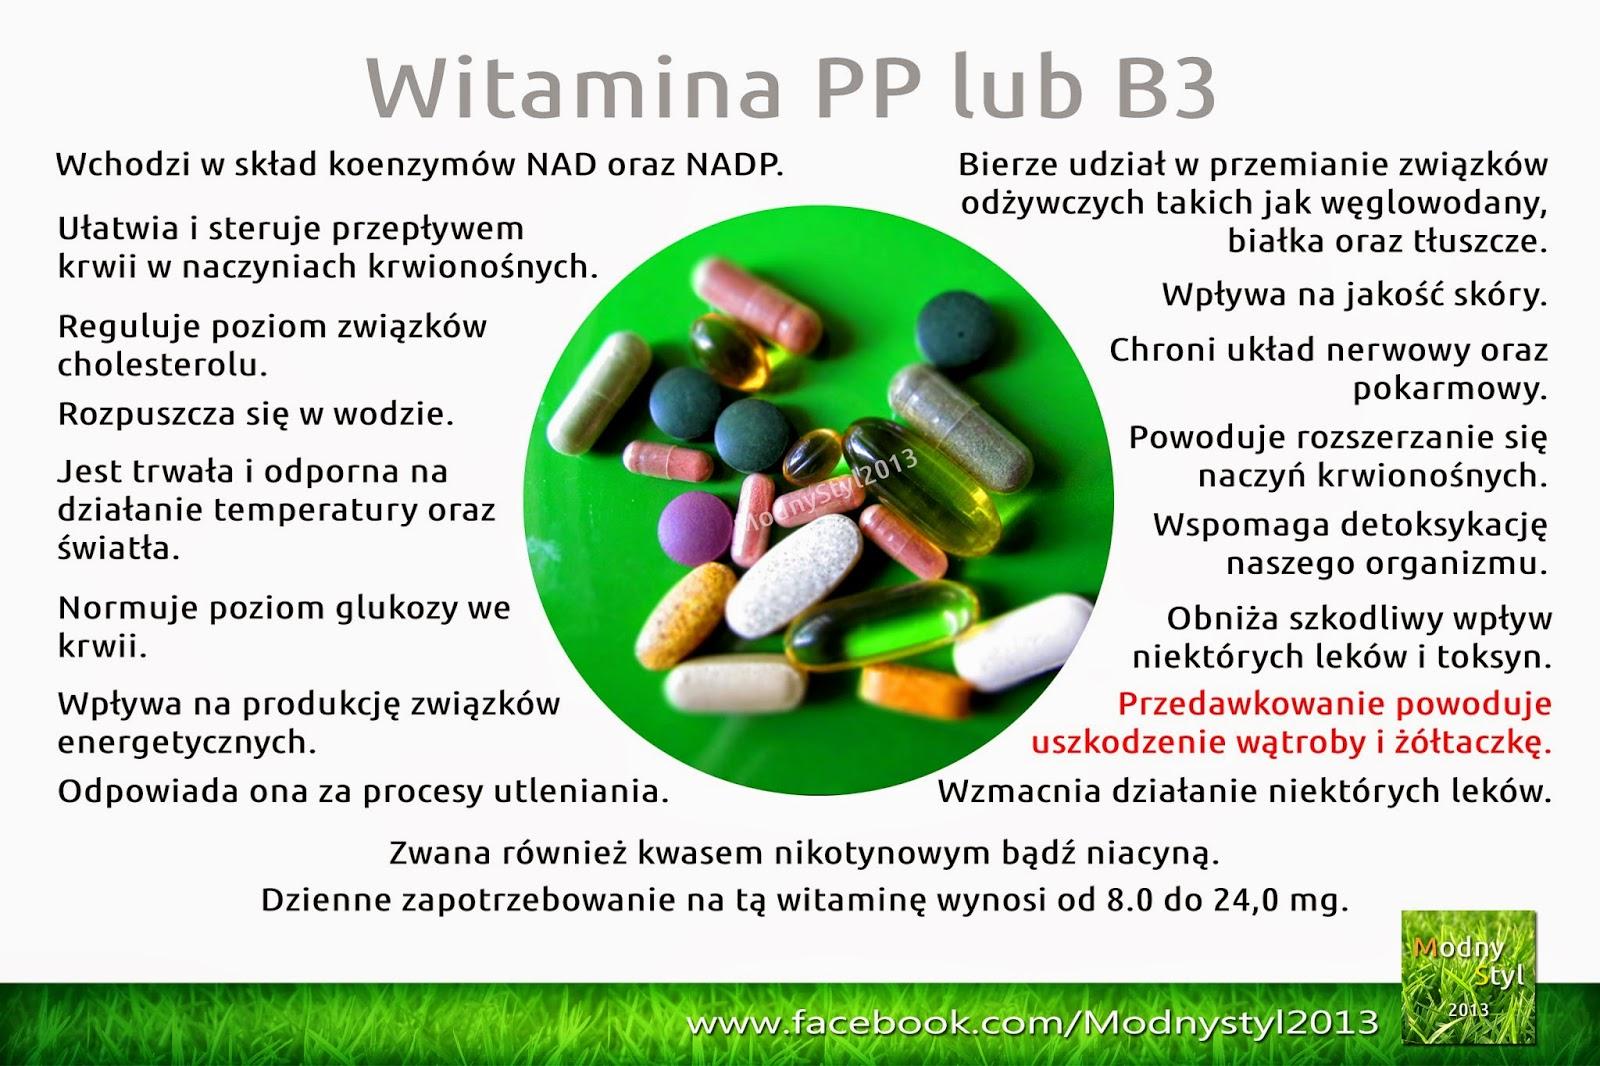 Witamina PP lub B3 zwana również niacyną